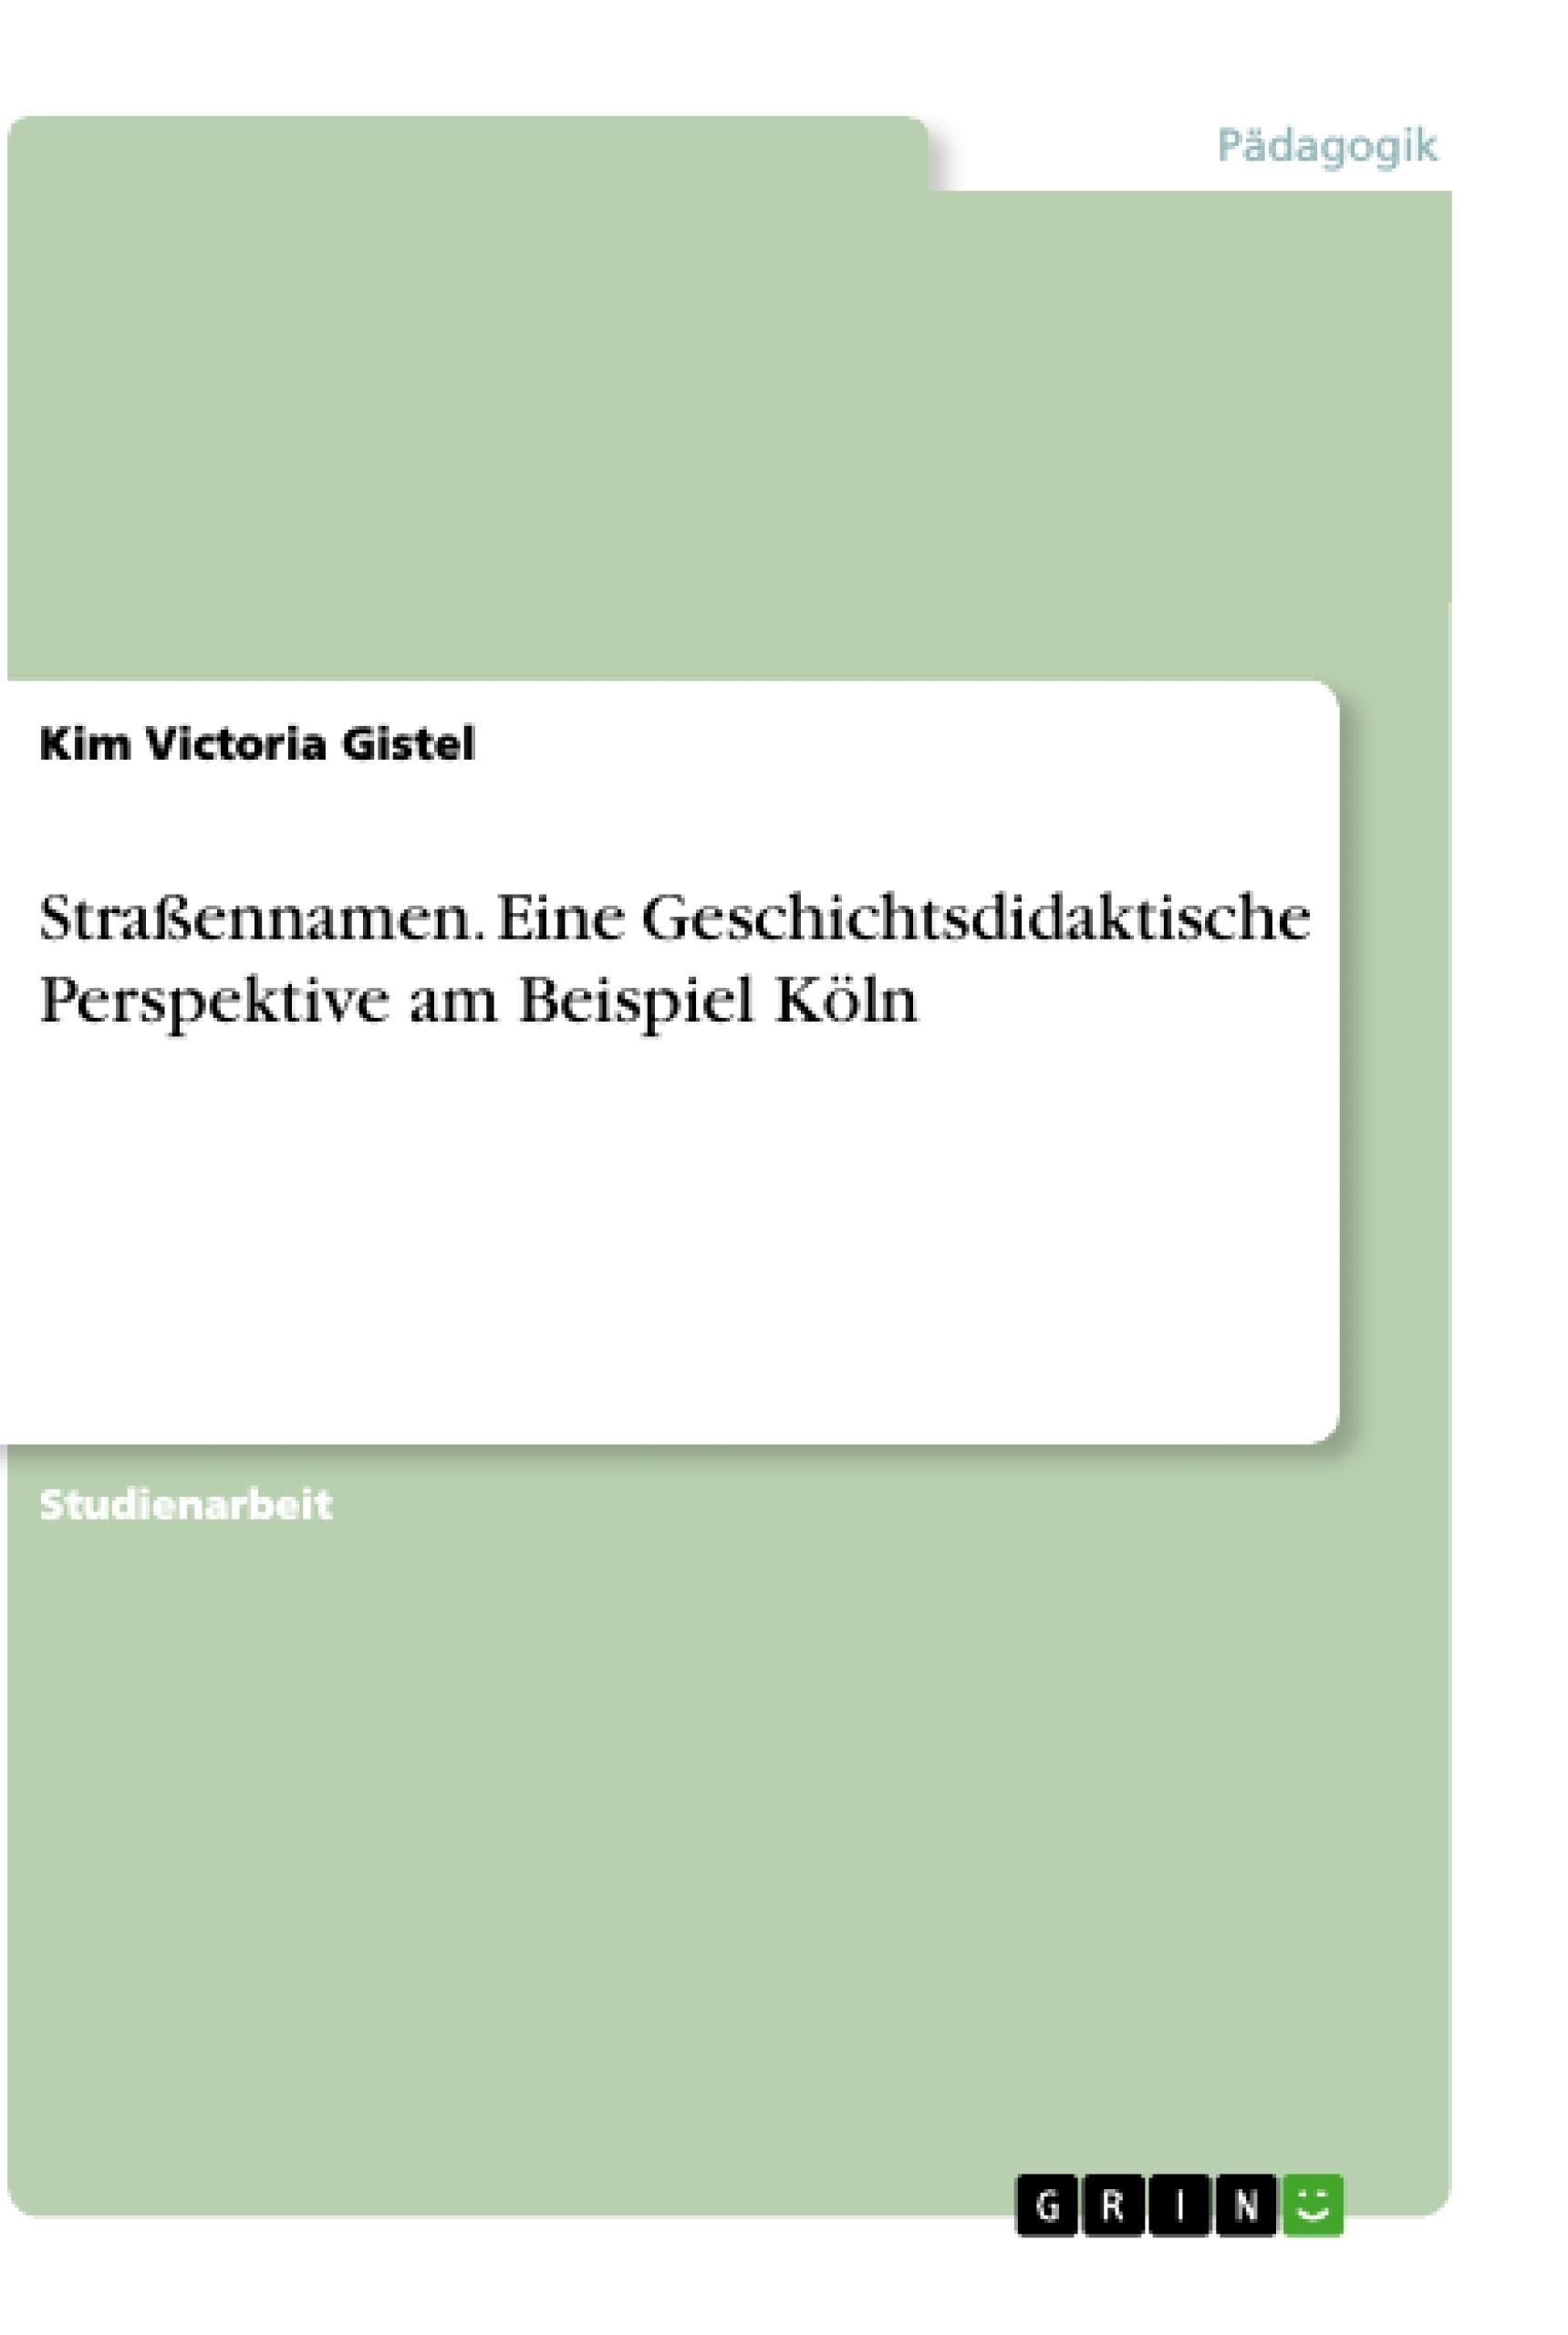 Titel: Straßennamen.  Eine Geschichtsdidaktische Perspektive am Beispiel Köln